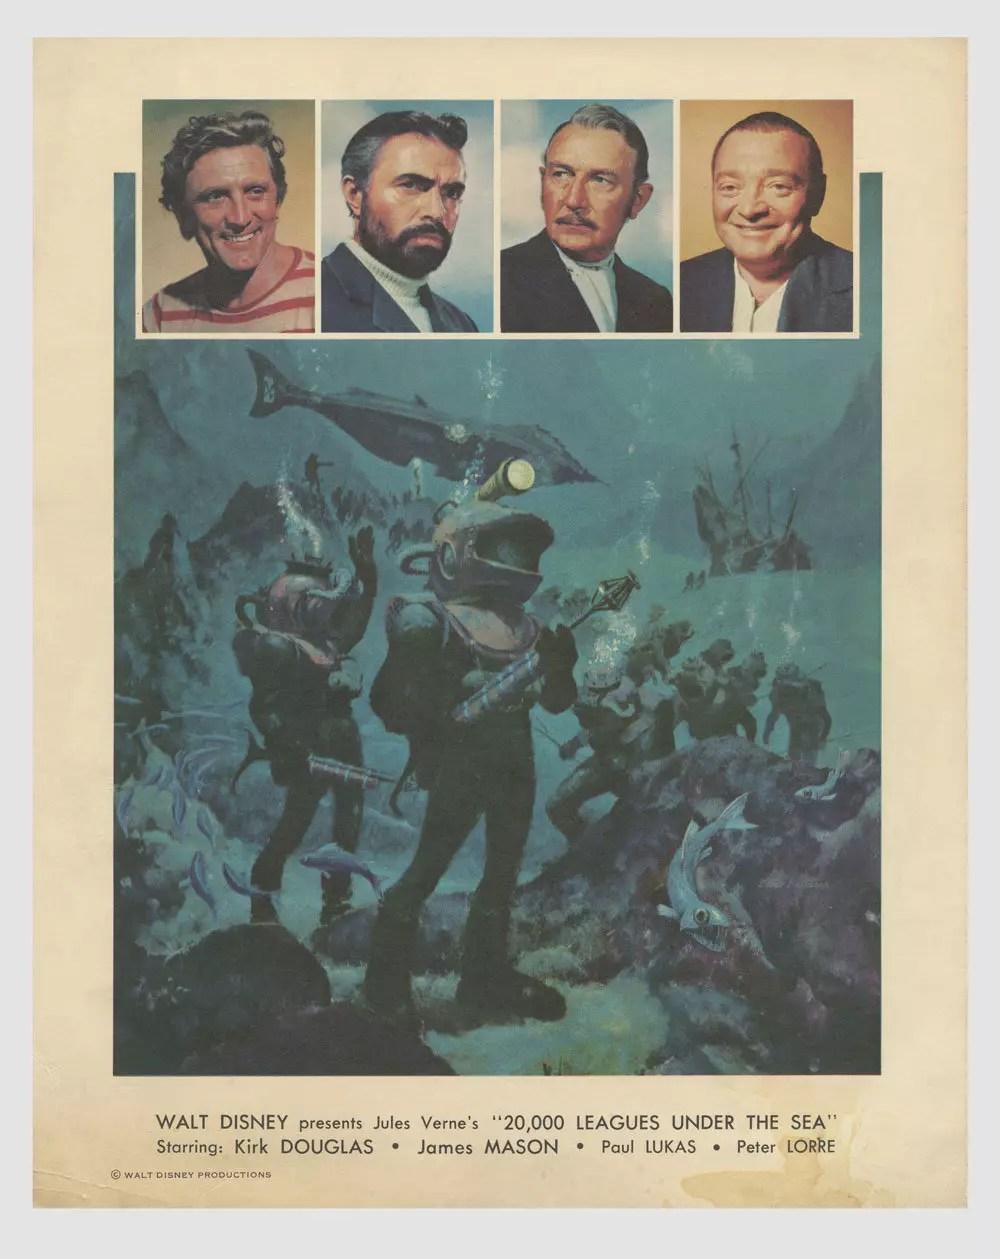 Kirk Douglas James Mason 1954 20,000 Leagues Under the Sea Lobby Card